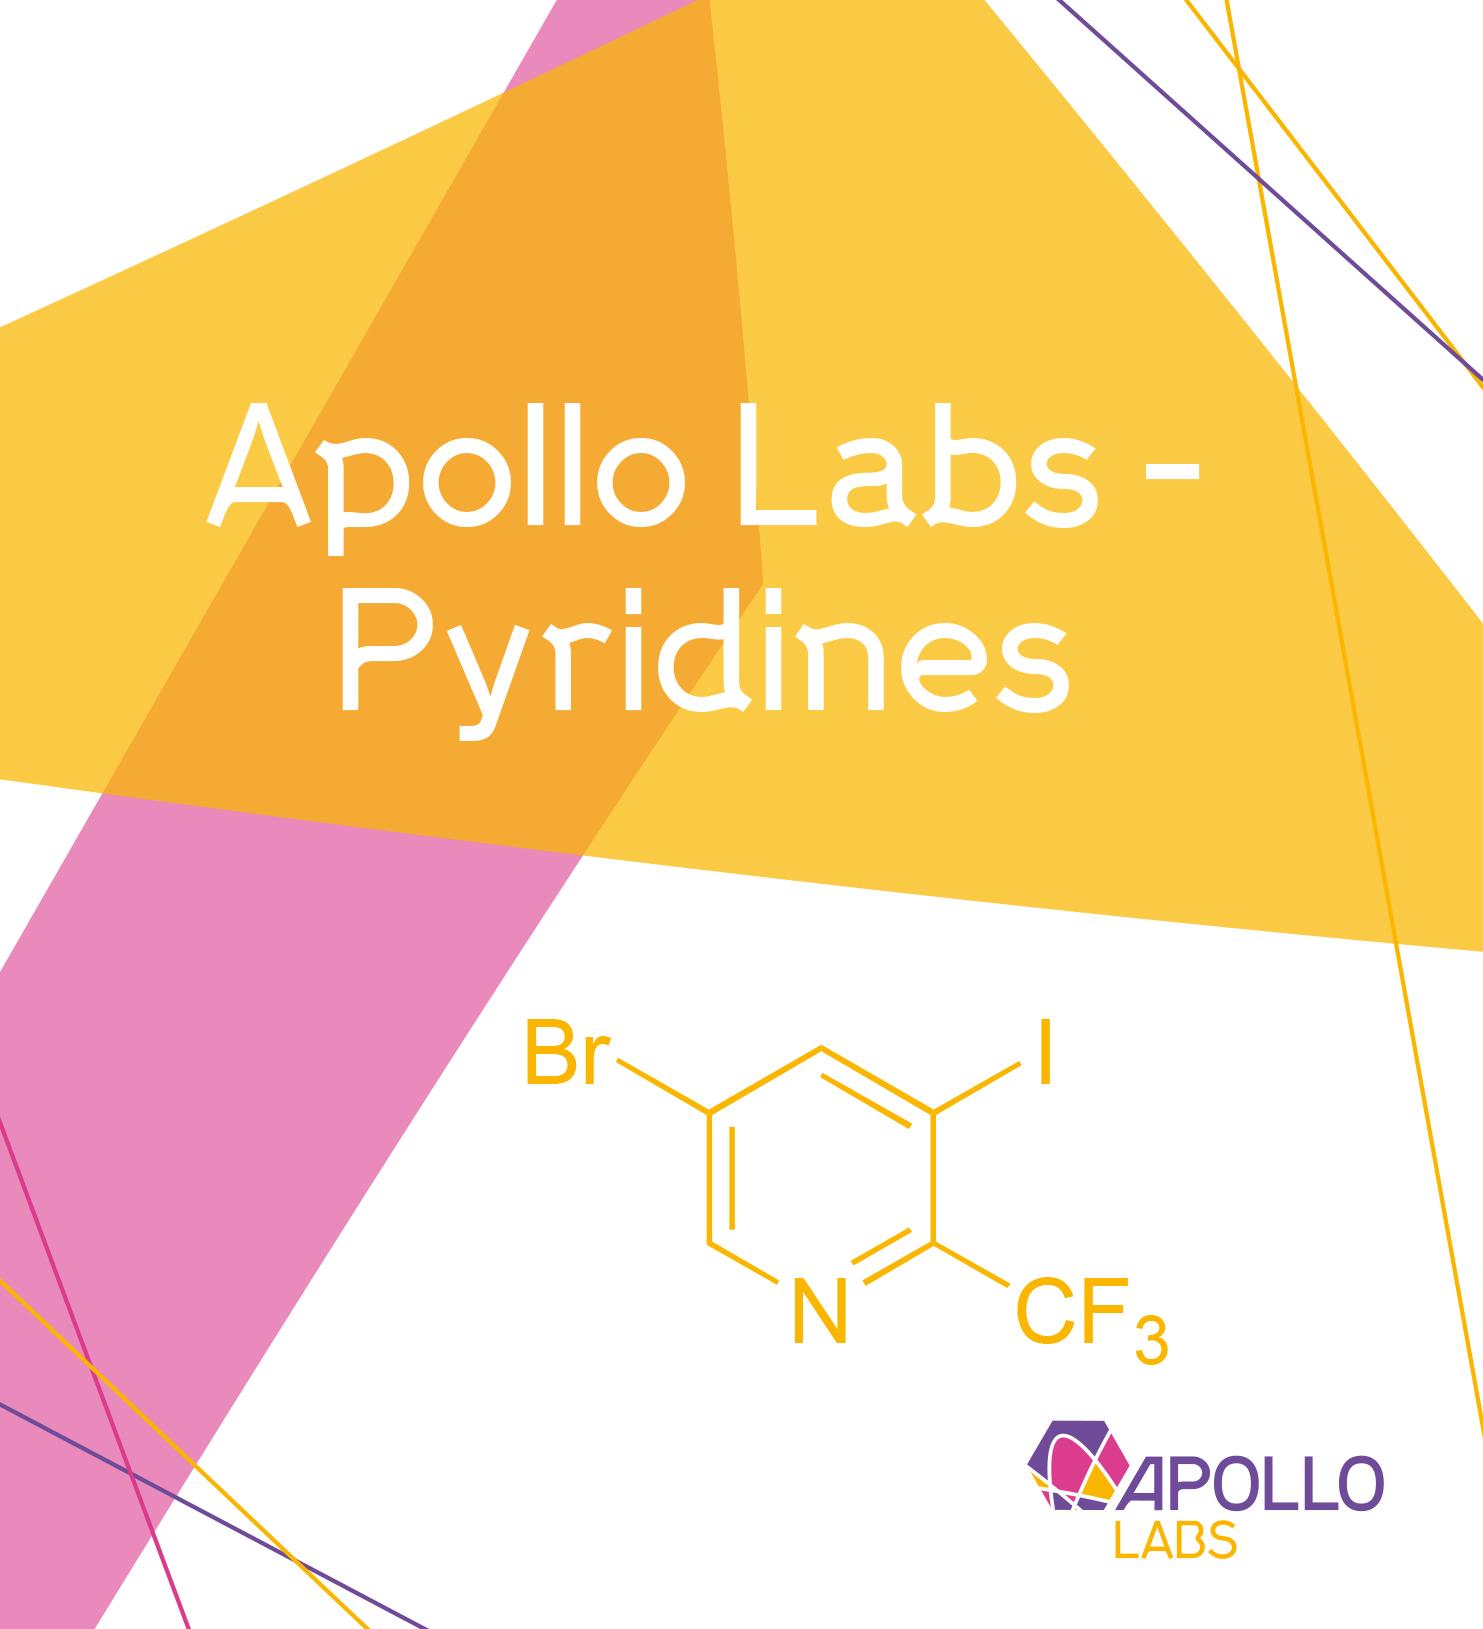 Apollo Labs – Pyridines thumbnail image